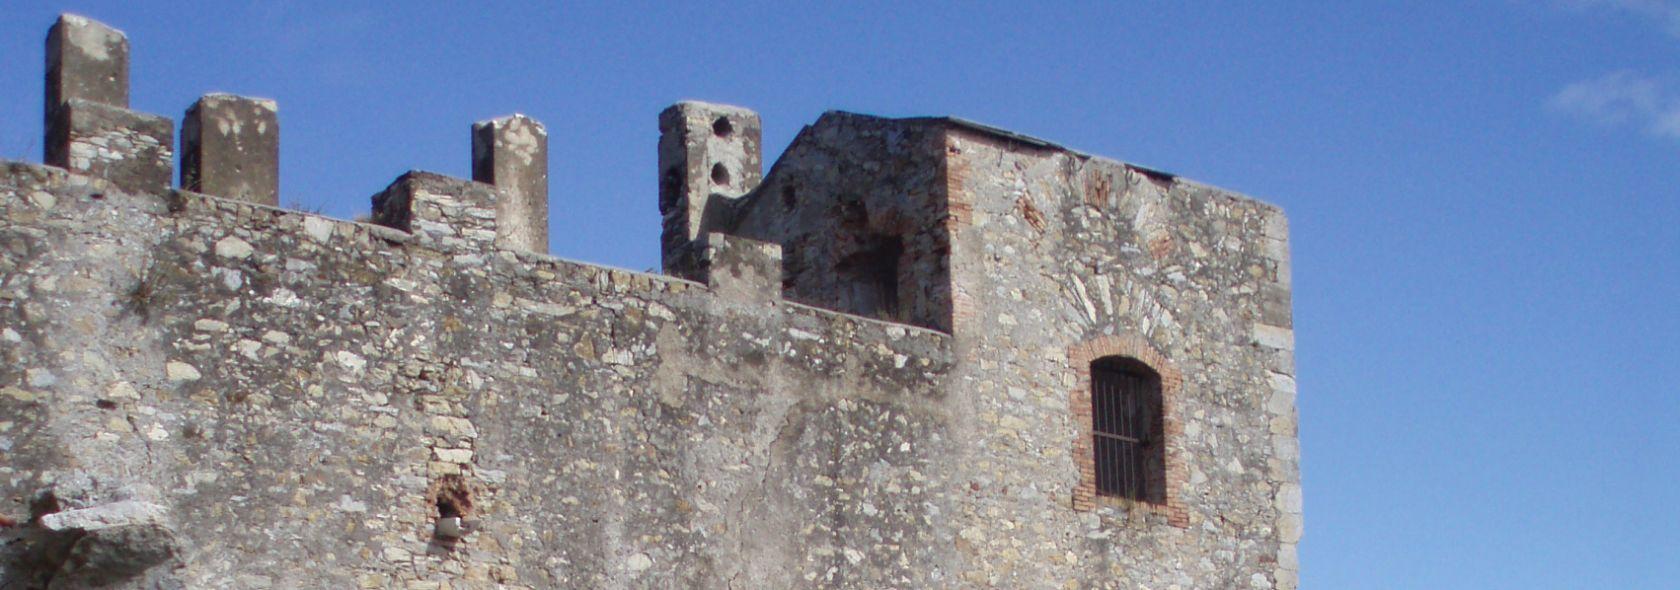 Forte Castellaccio - foto: ©Archivio Ufficio Parco Urbano delle Mura